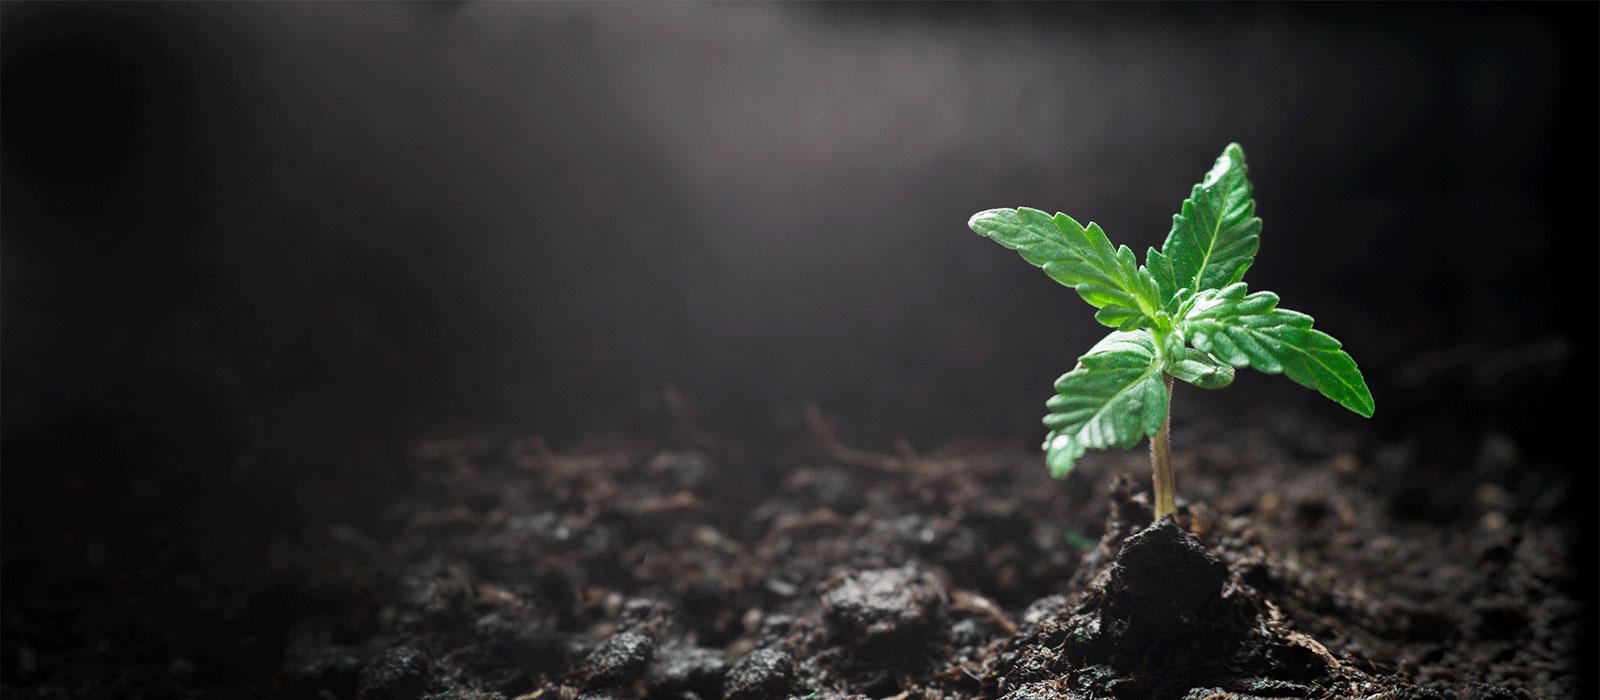 qib-plant-1600px.jpg